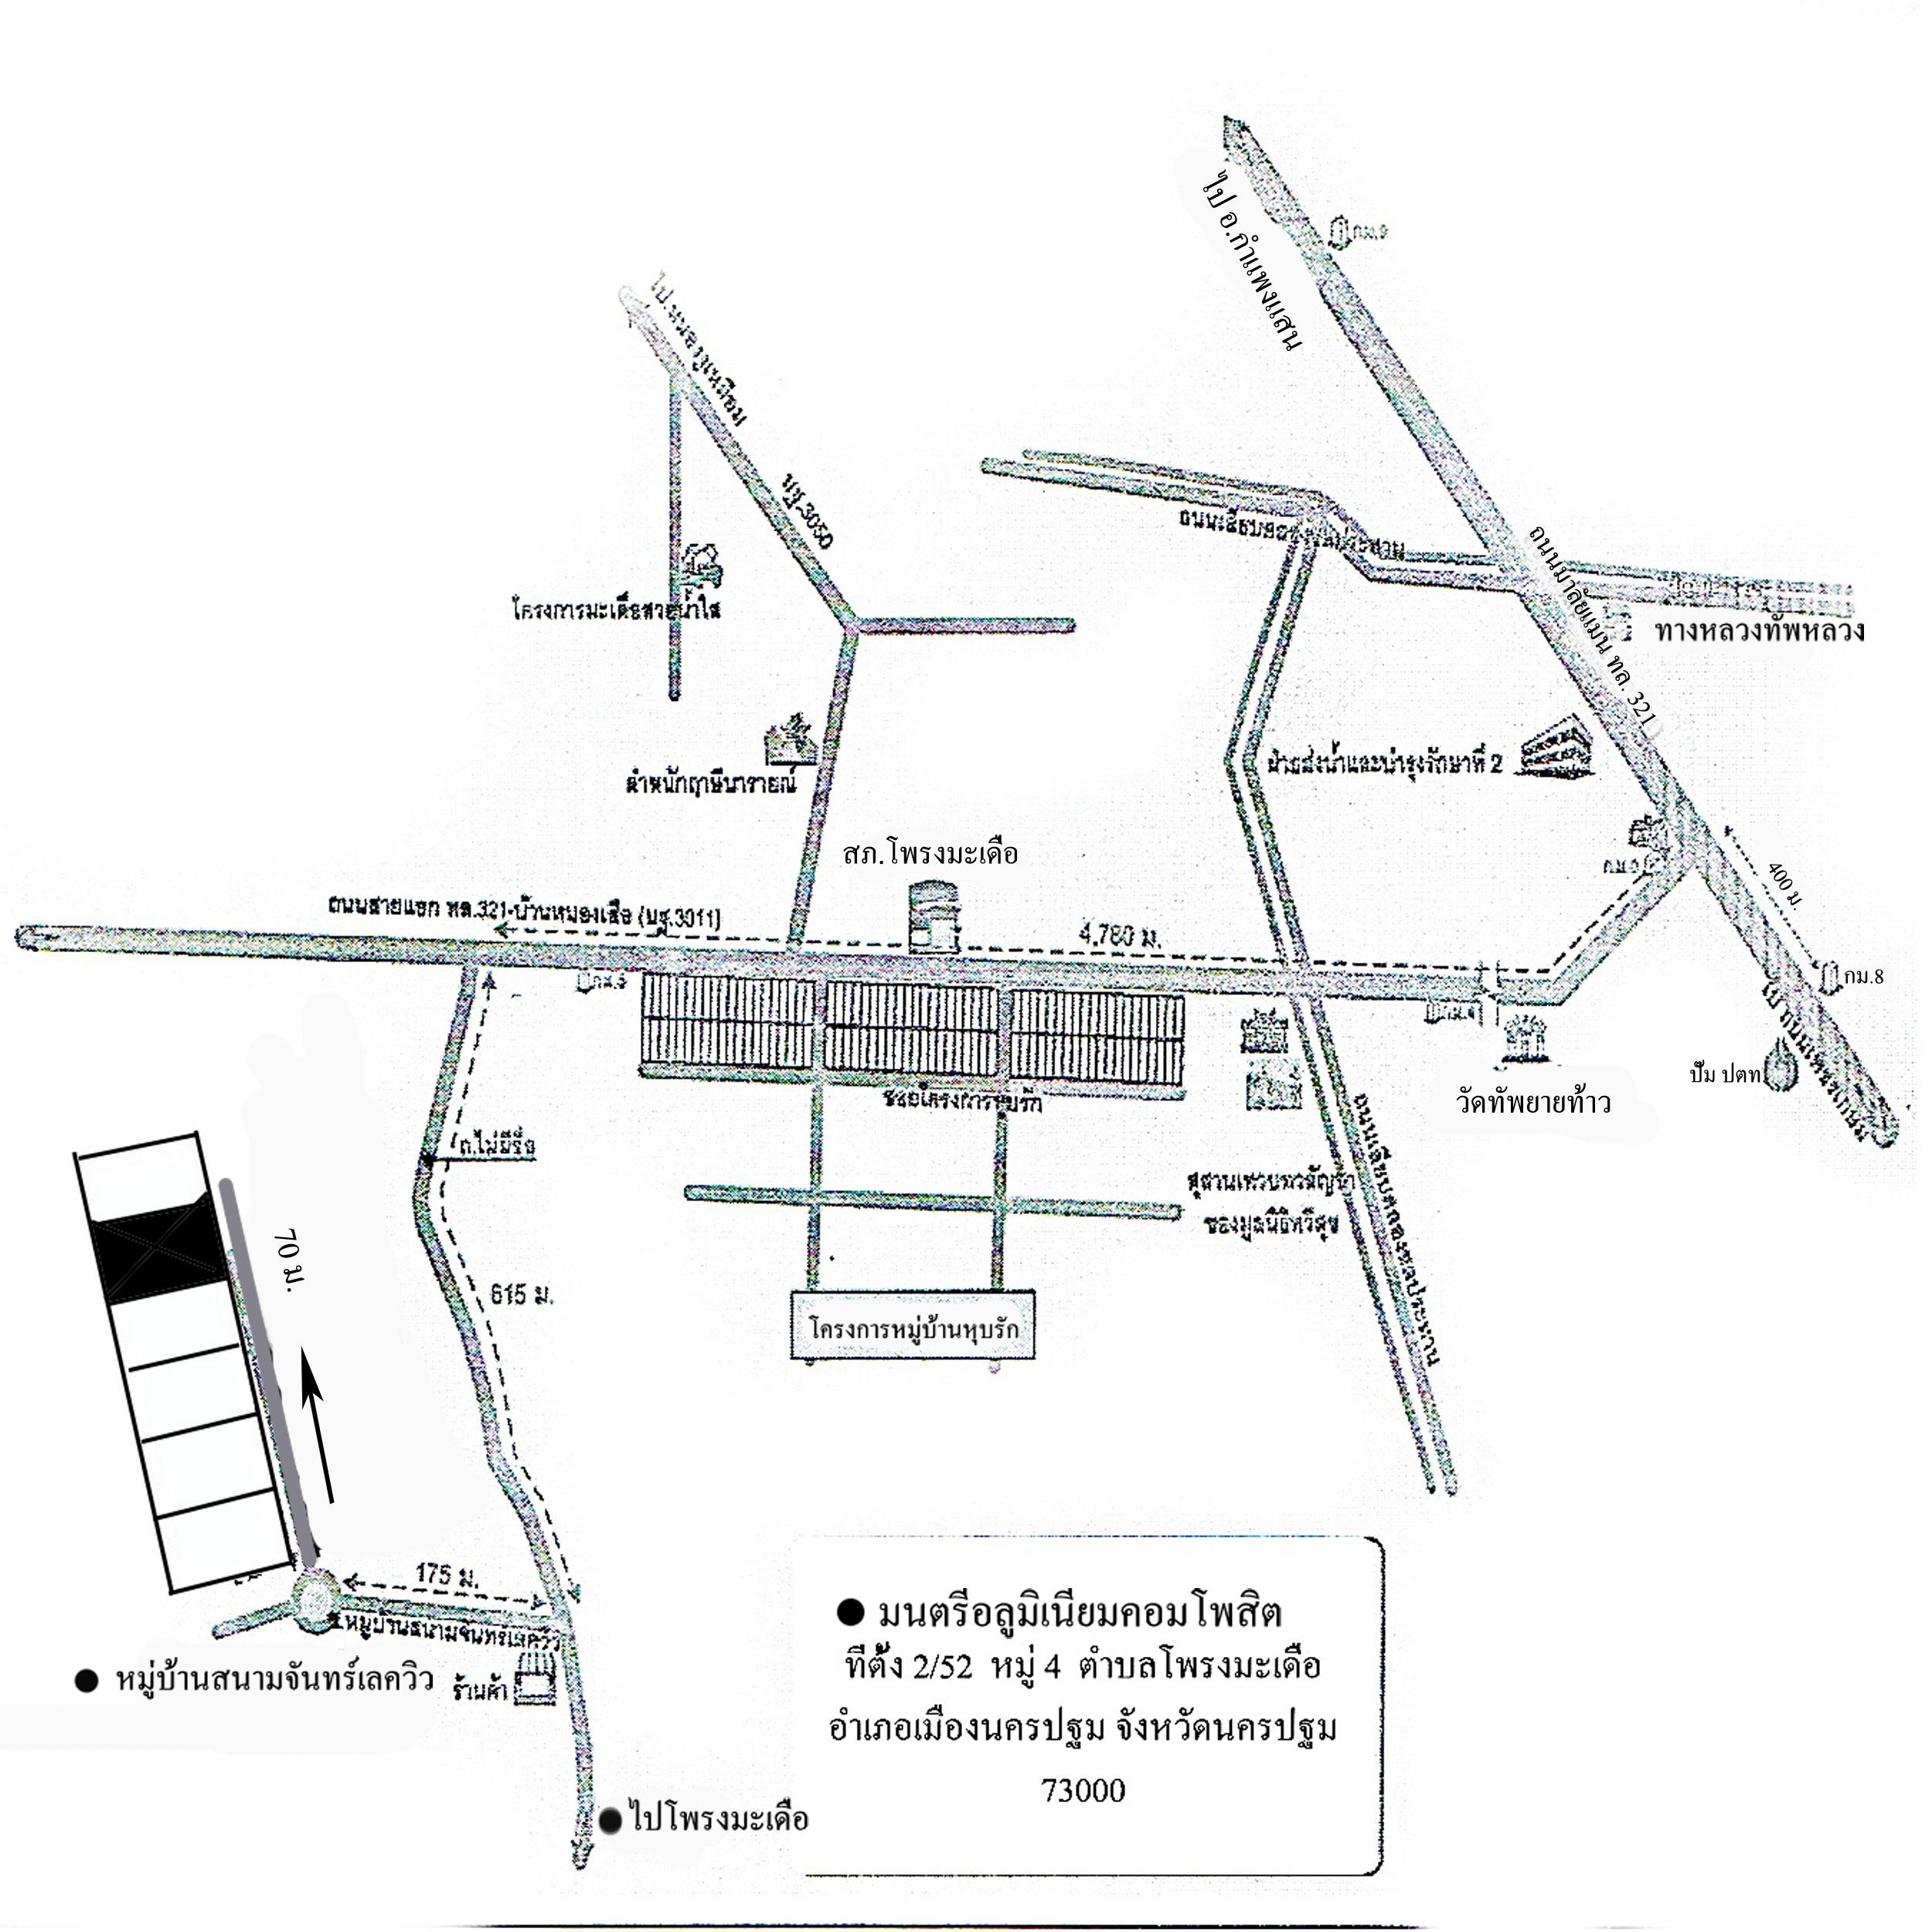 แผนที่ ห้างหุ้นส่วนจำกัด มนตรี อลูแคลด